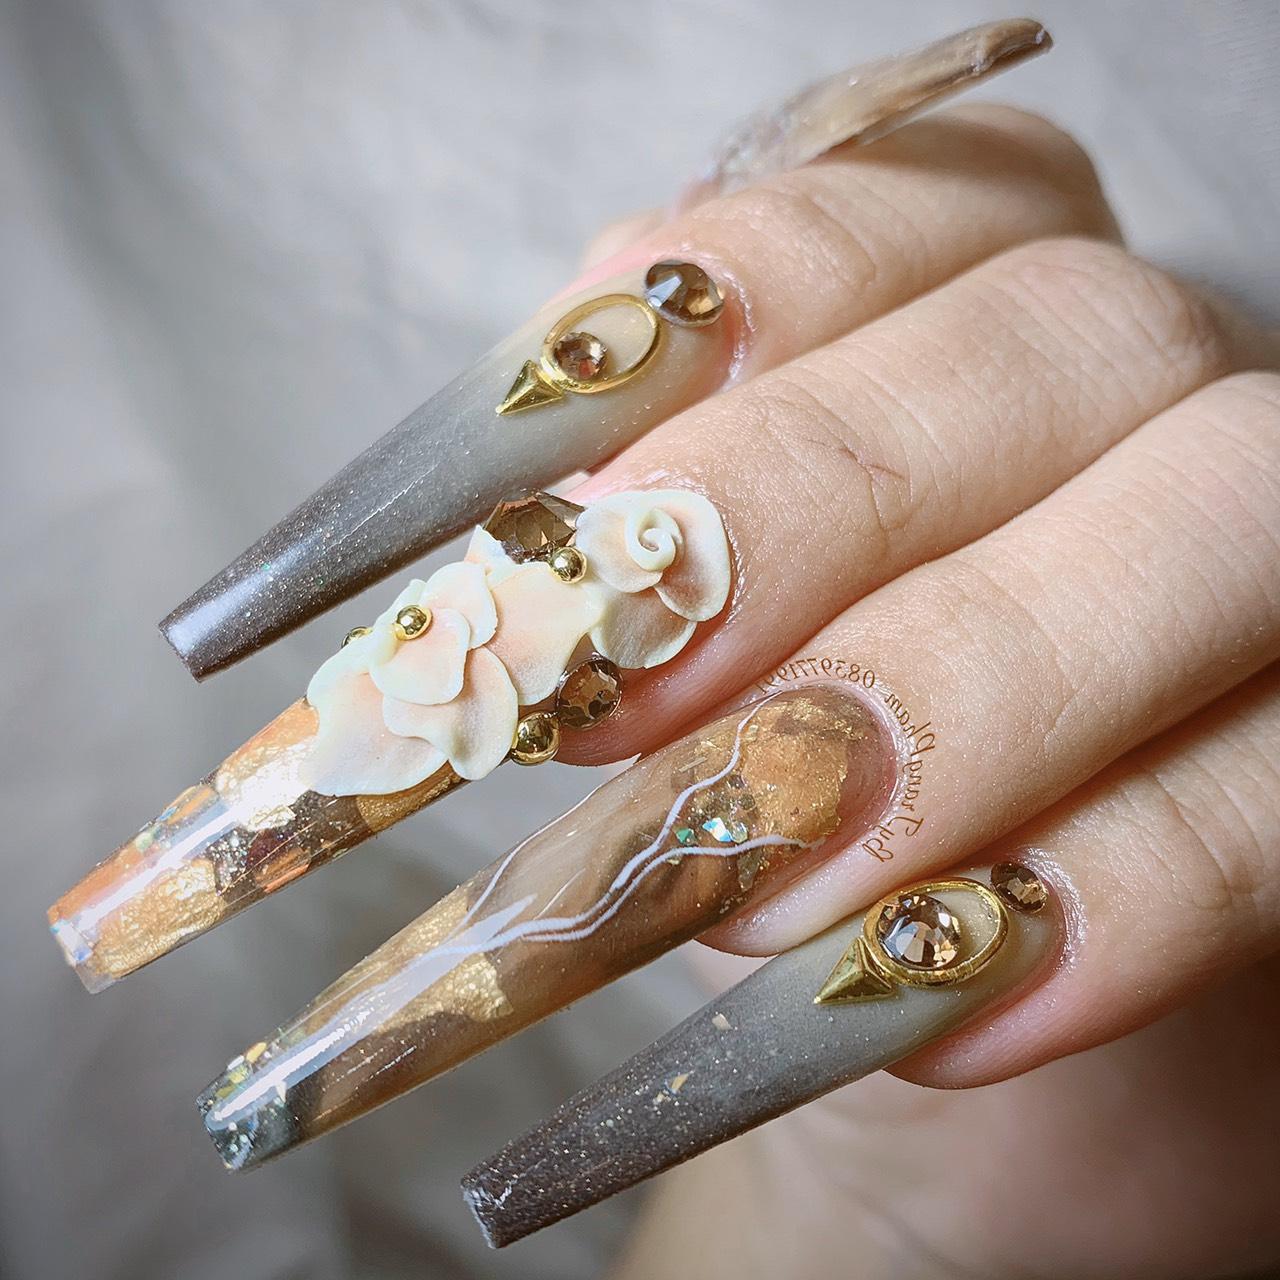 Bộ sưu tập nails sang trọng, đẳng cấp từ chuyên gia Trang Phạm - Ảnh 6.